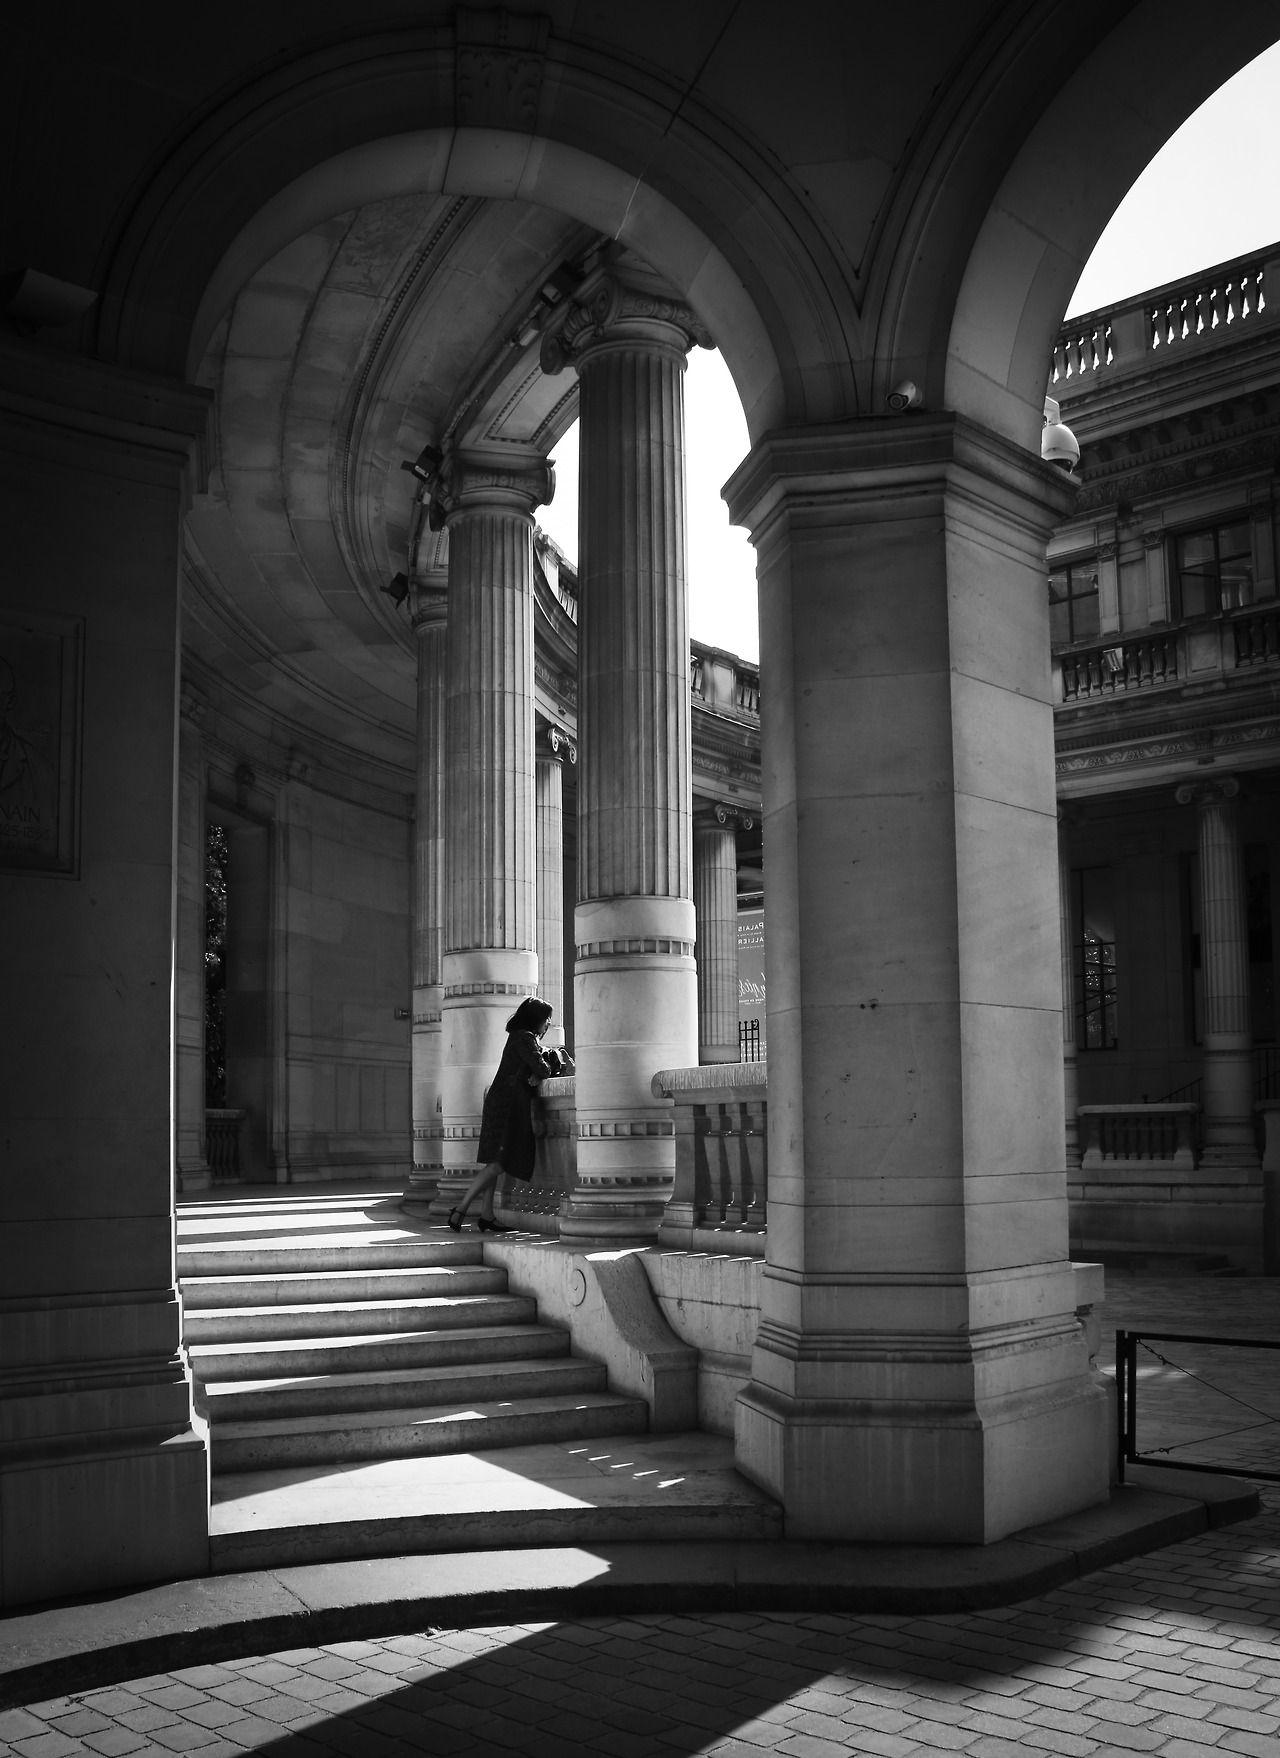 Paris Photo: Green Eyes 55